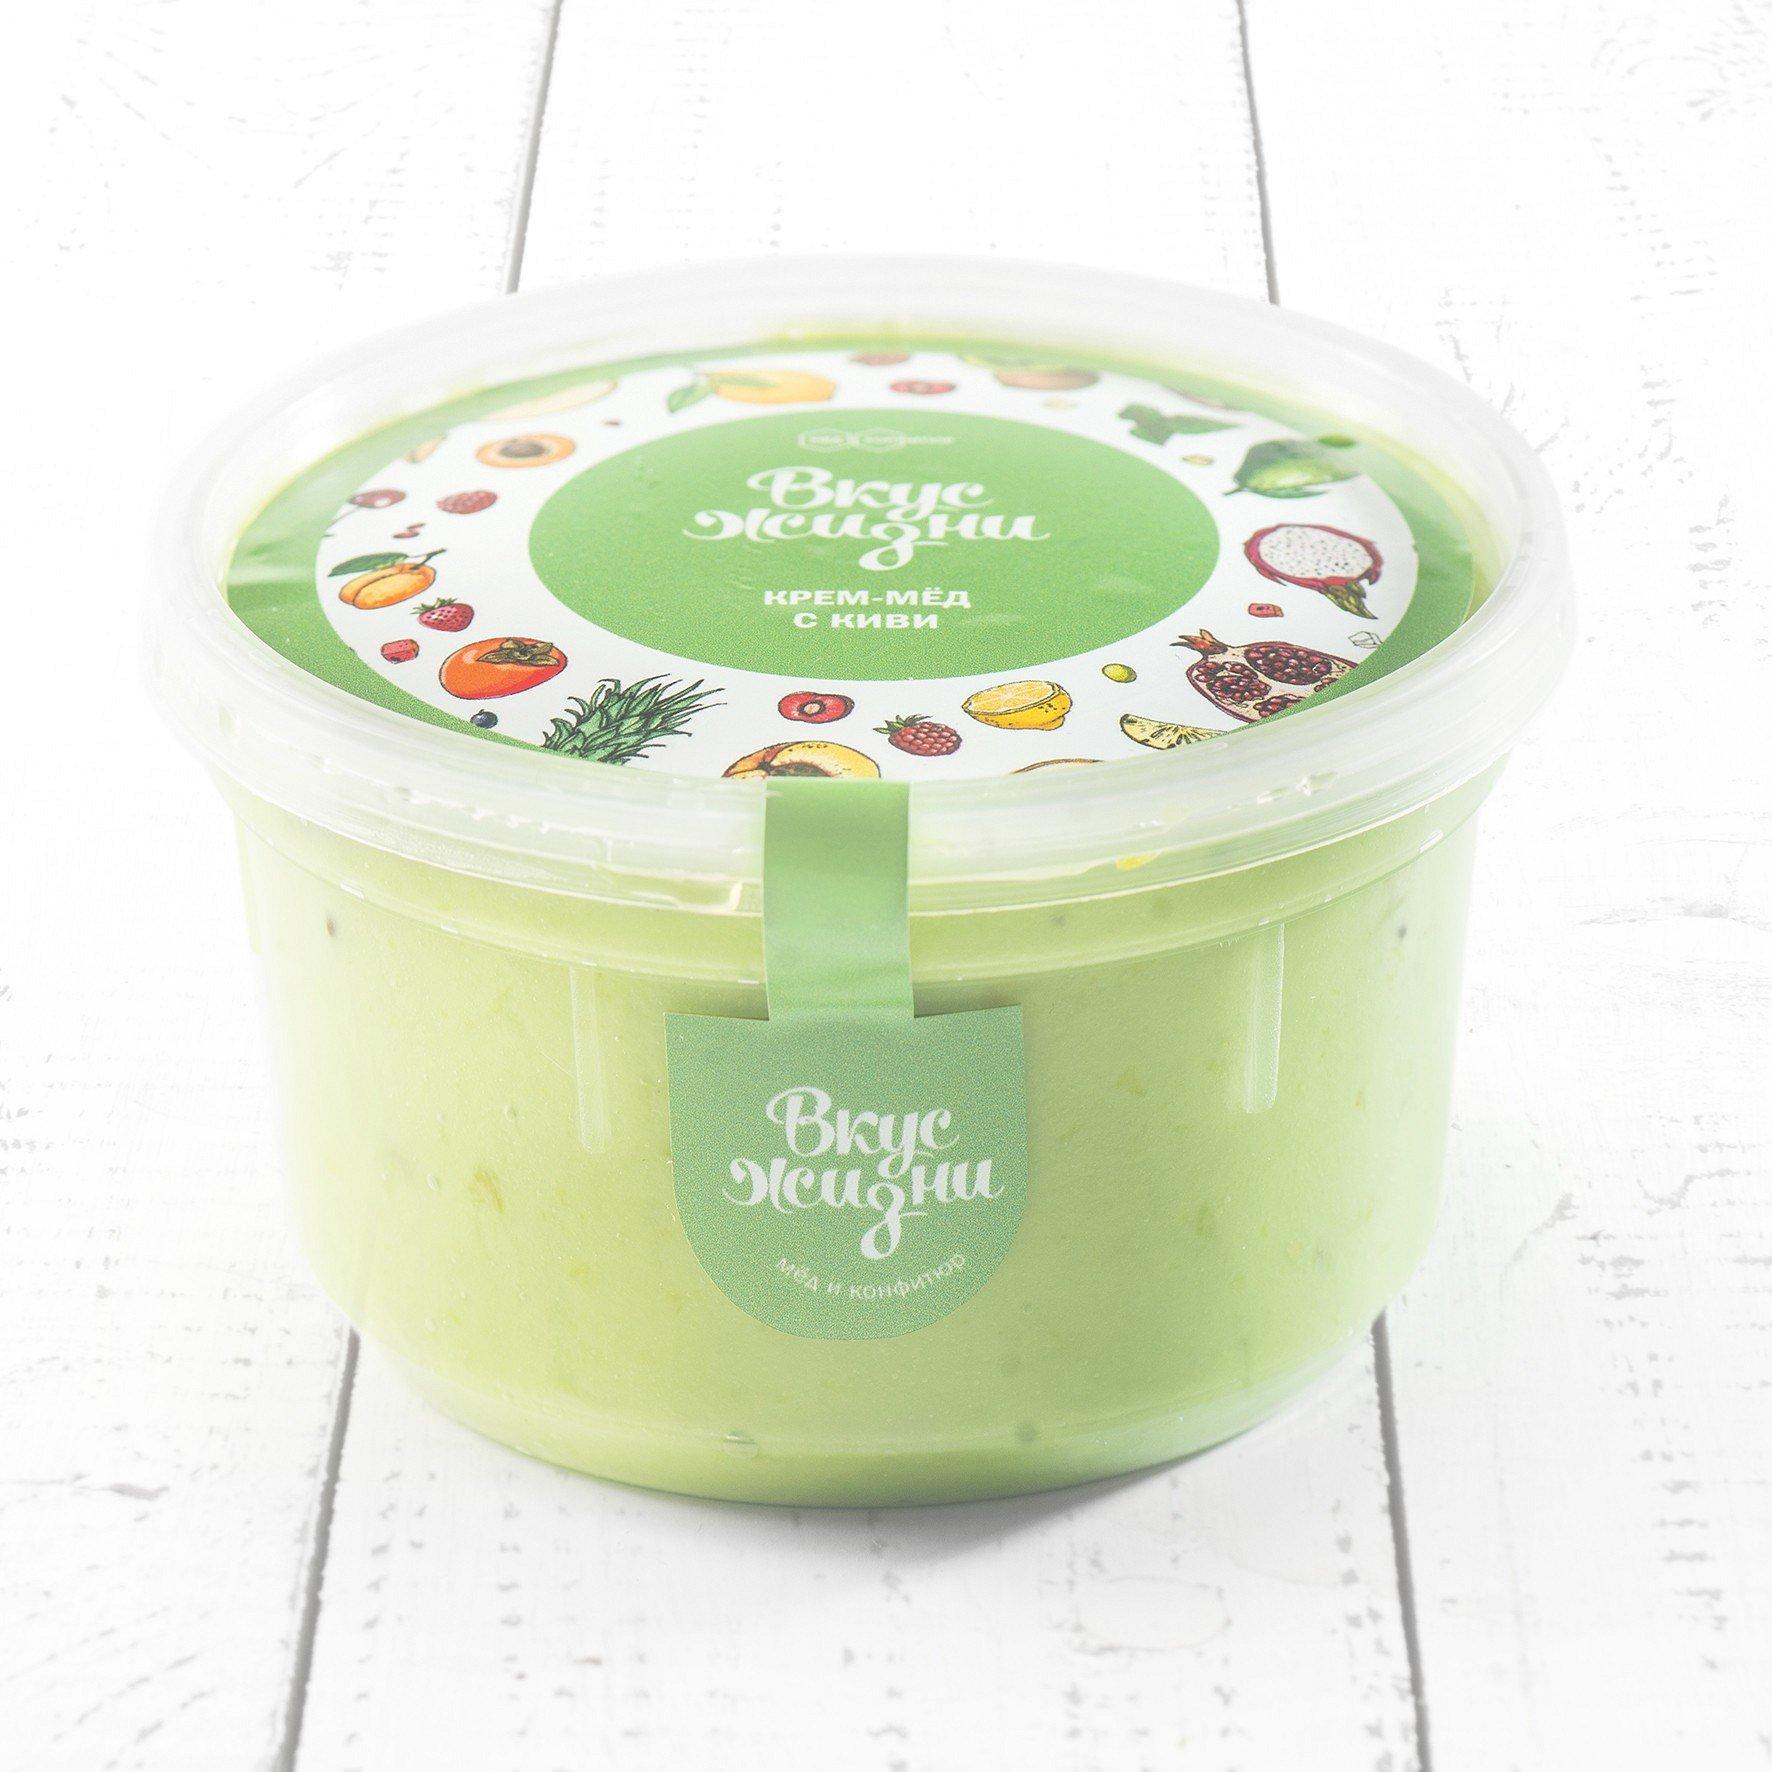 Крем-мёд с киви в пластиковой банке Вкус Жизни New 300 гр. - фото 1